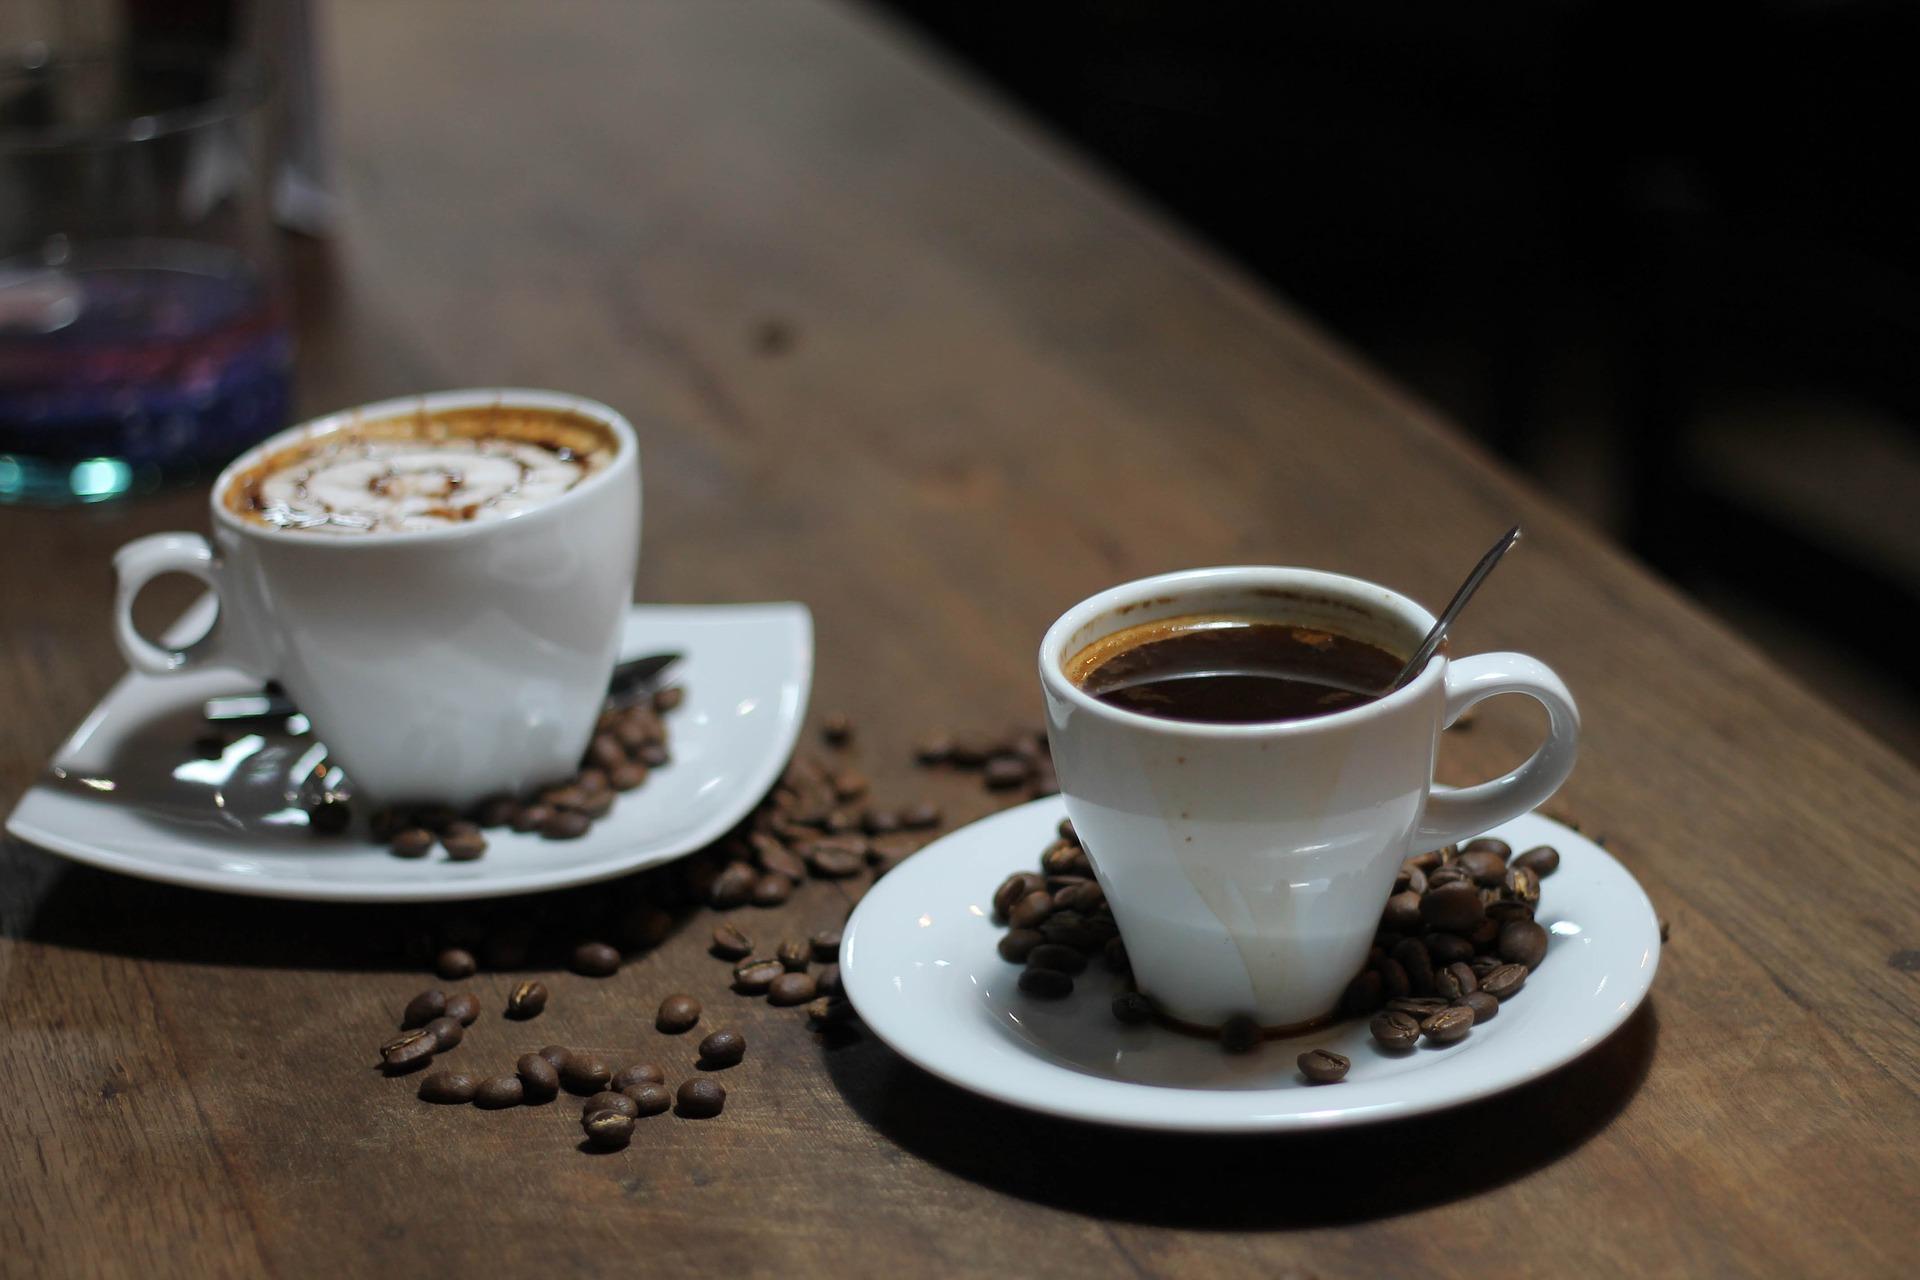 guter bio fairtrade kaffee und fairtrade tee online kaufen kotopia tee kaufen bei. Black Bedroom Furniture Sets. Home Design Ideas